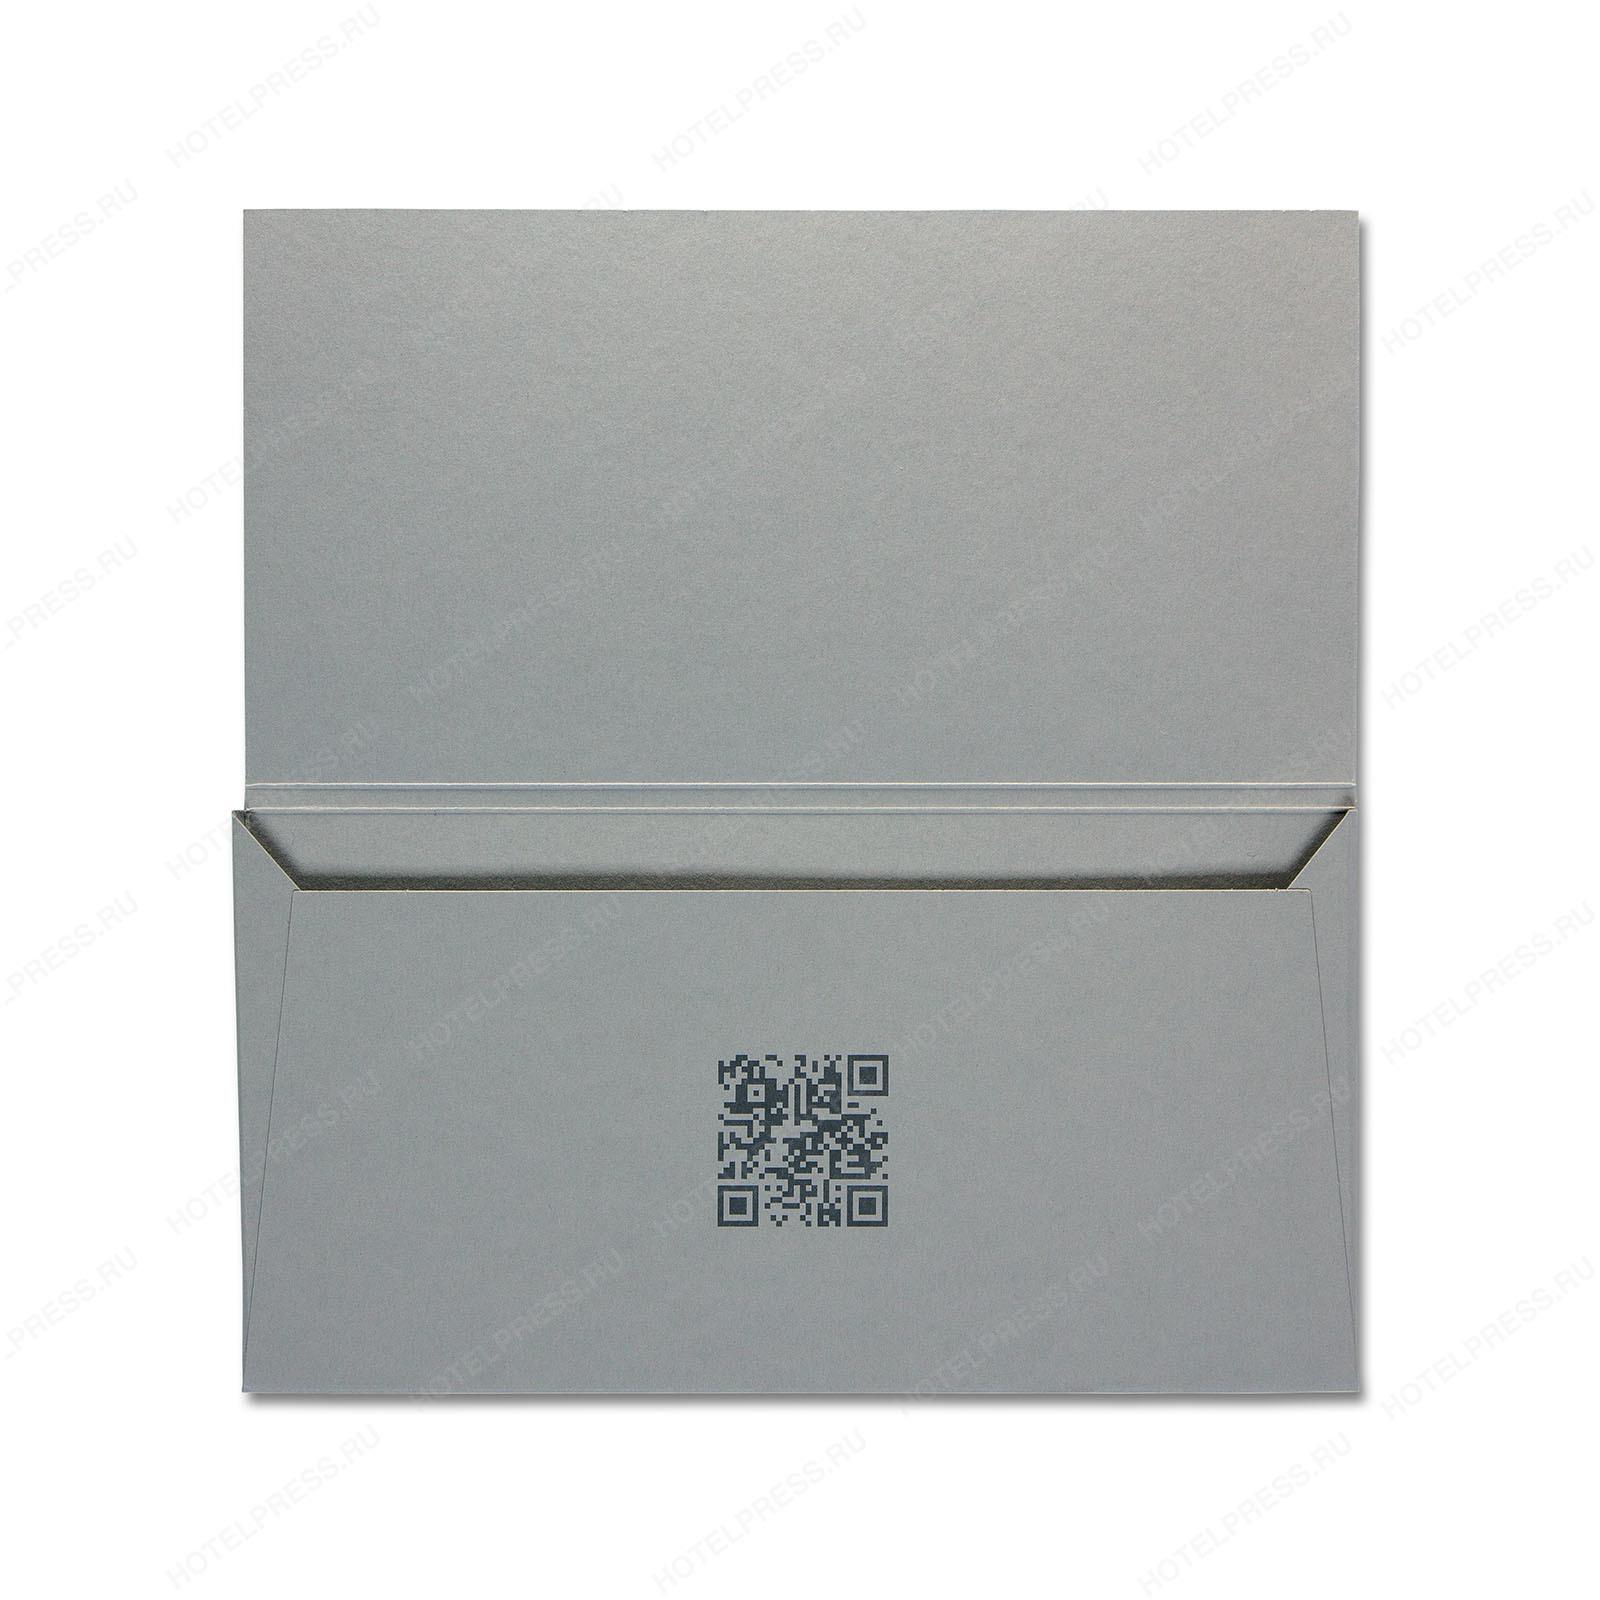 Объёмный конверт для вложения из дизайнерской бумаги для стоматологии